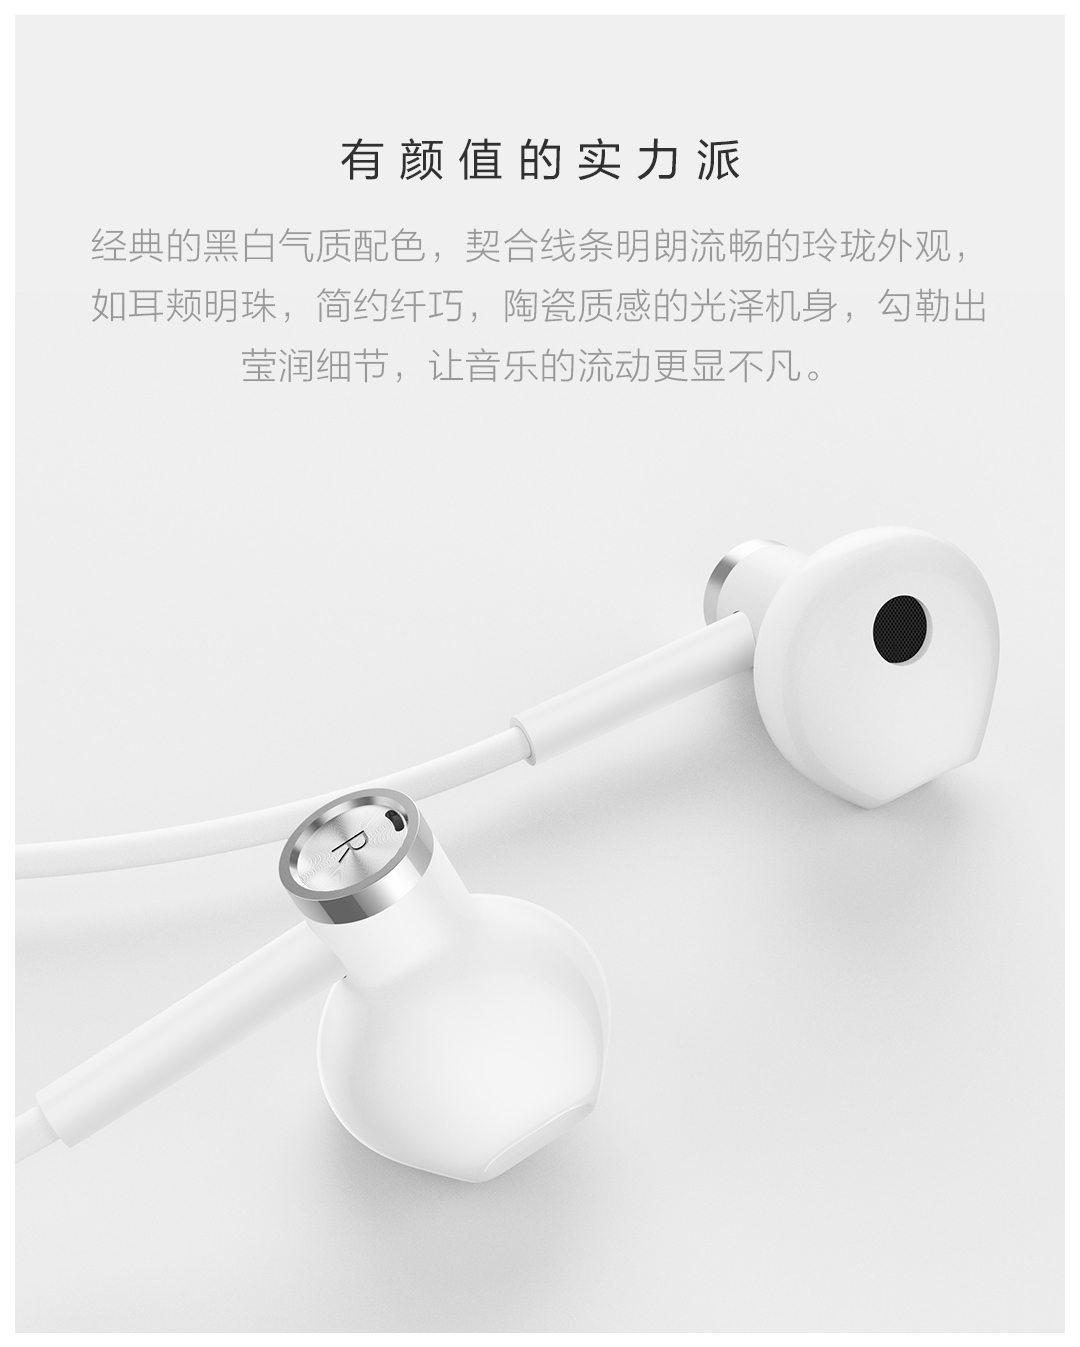 小米双单元半入耳式耳机发布